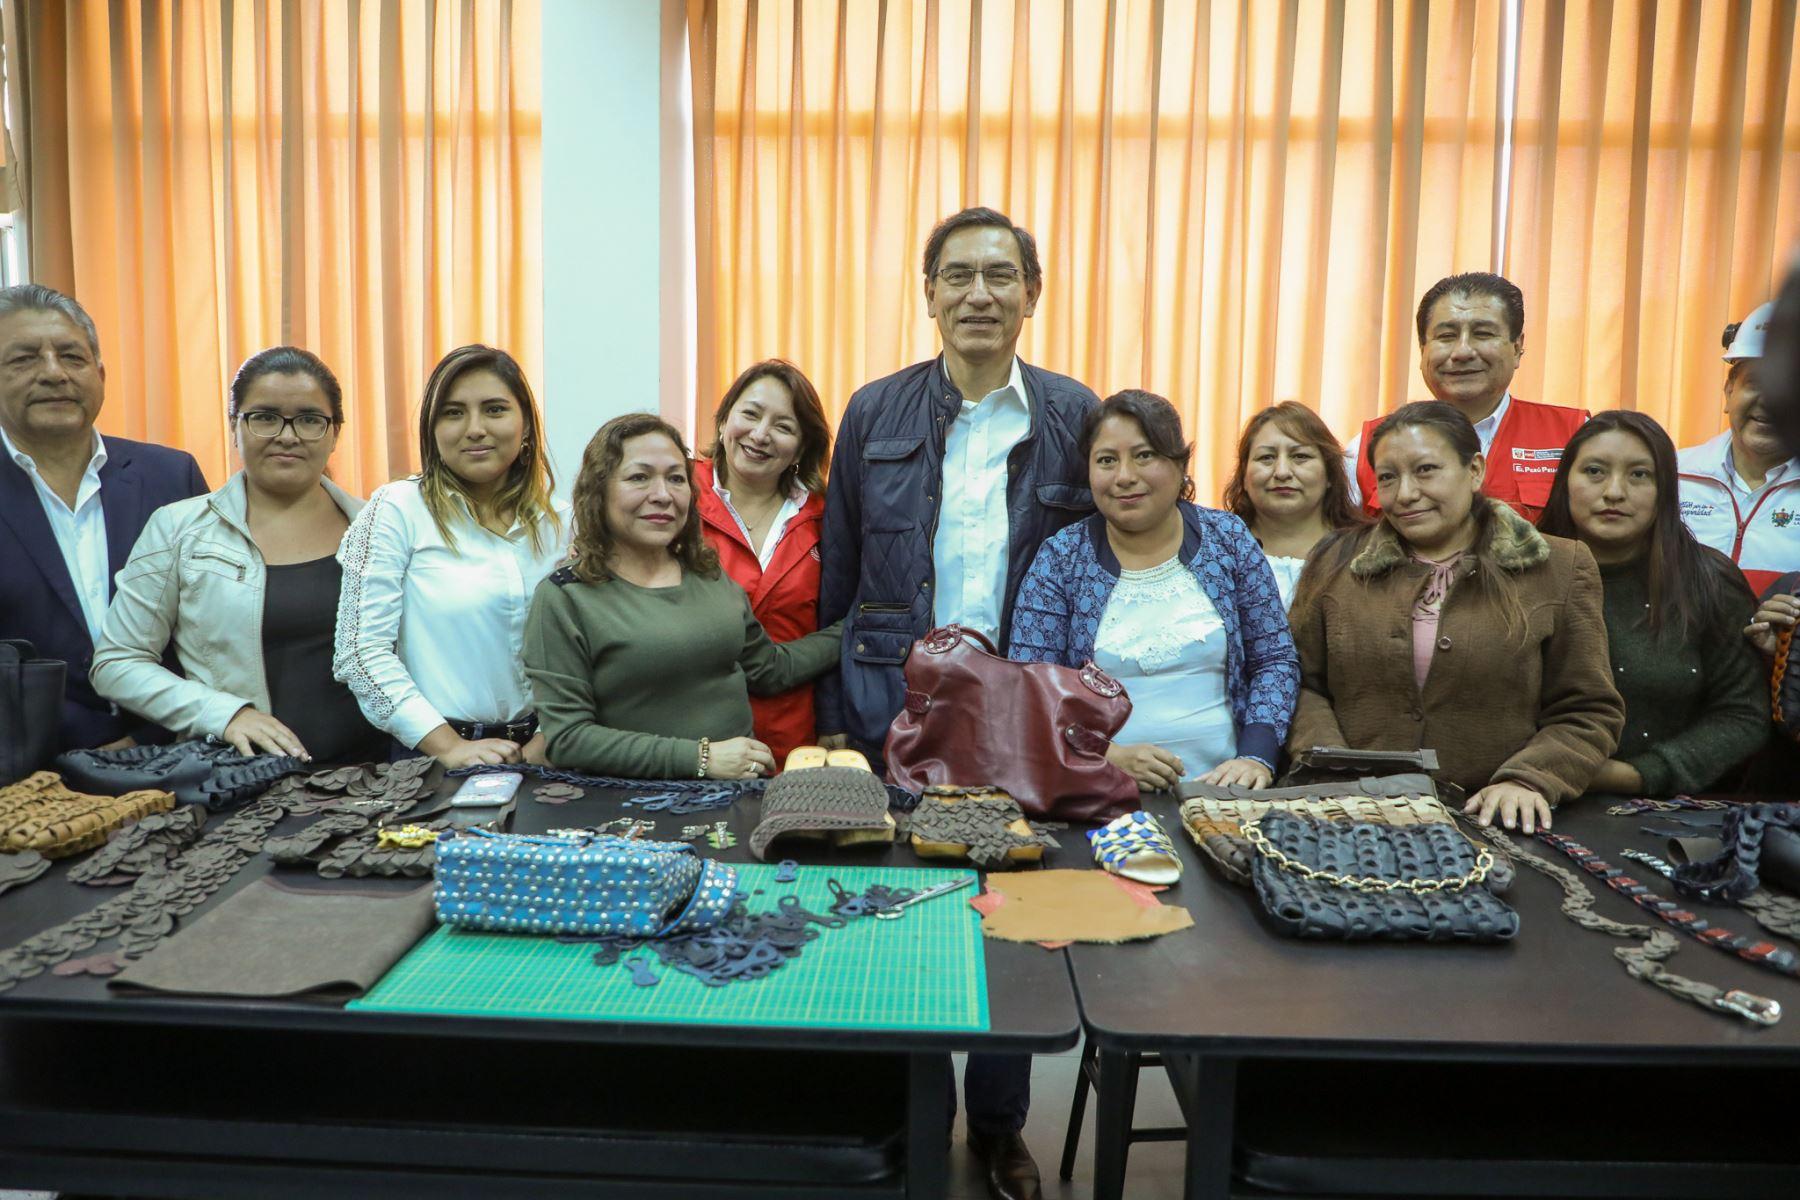 El CITEcuero y Calzado Trujillo, como parte de la red CITE, tiene como objetivo aumentar la competitividad de los empresarios de La Libertad.